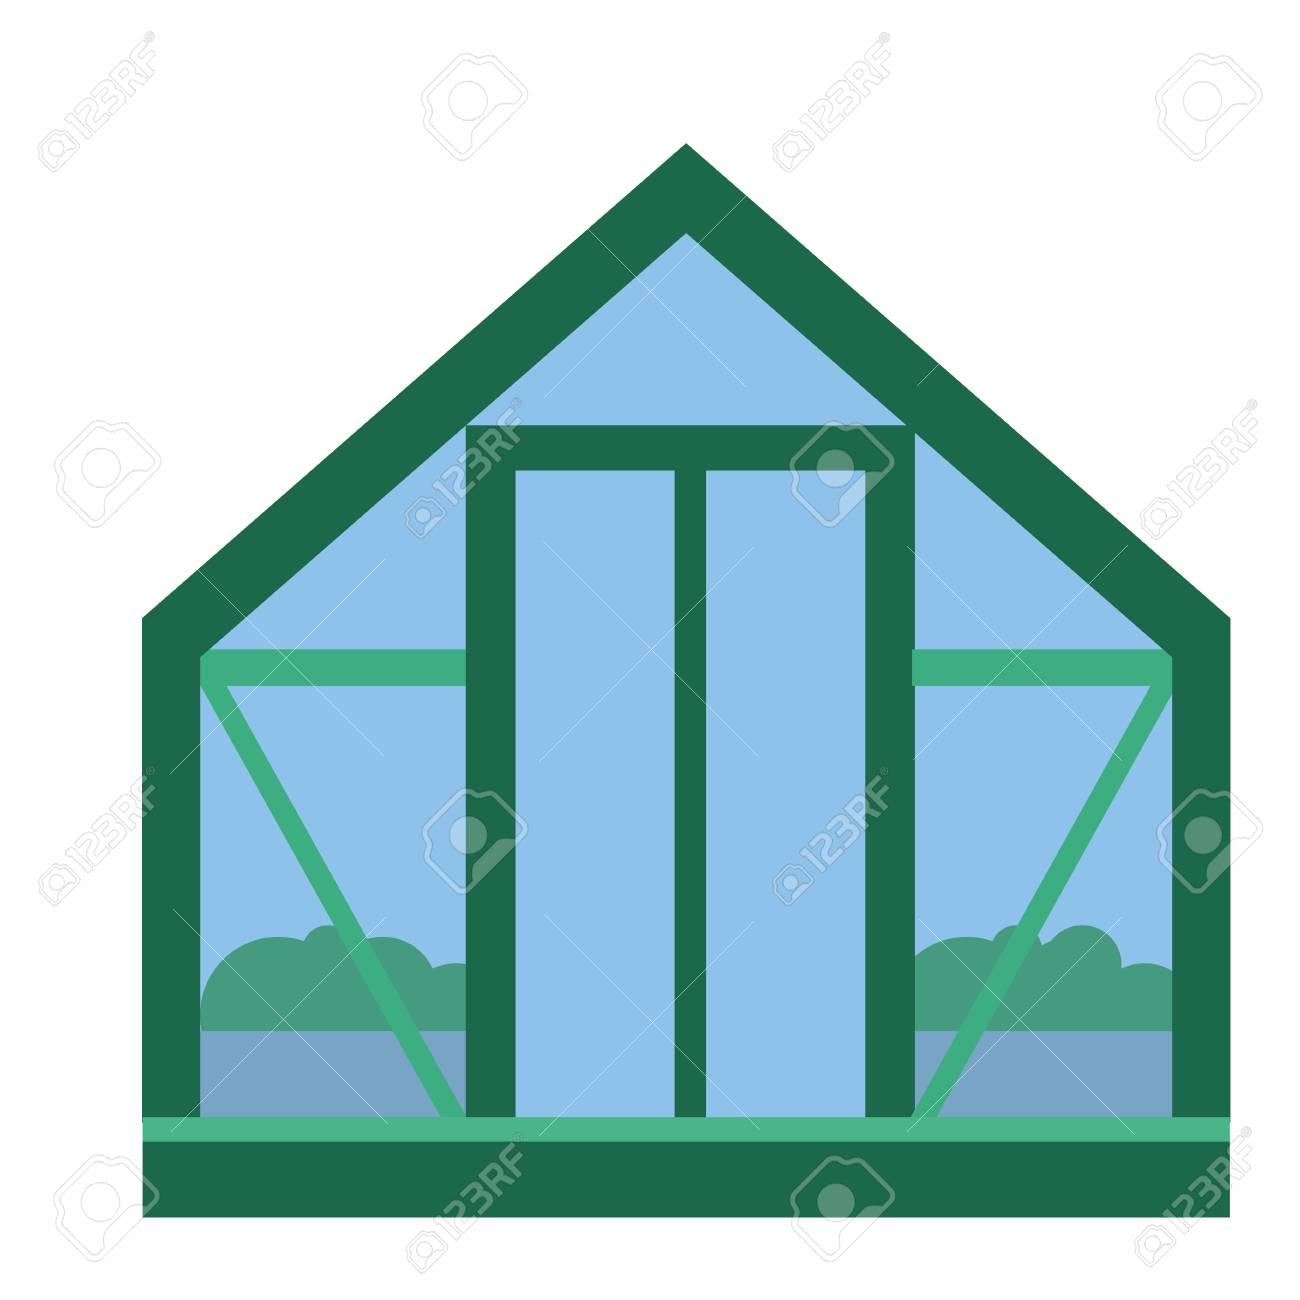 Full Size of Garten Gewächshaus Glas Gewchshaus Mit Frischen Bio Landwirtschaft Lebensmittel Spielturm Skulpturen Klapptisch Pavillion Zeitschrift Stapelstuhl Paravent Garten Garten Gewächshaus